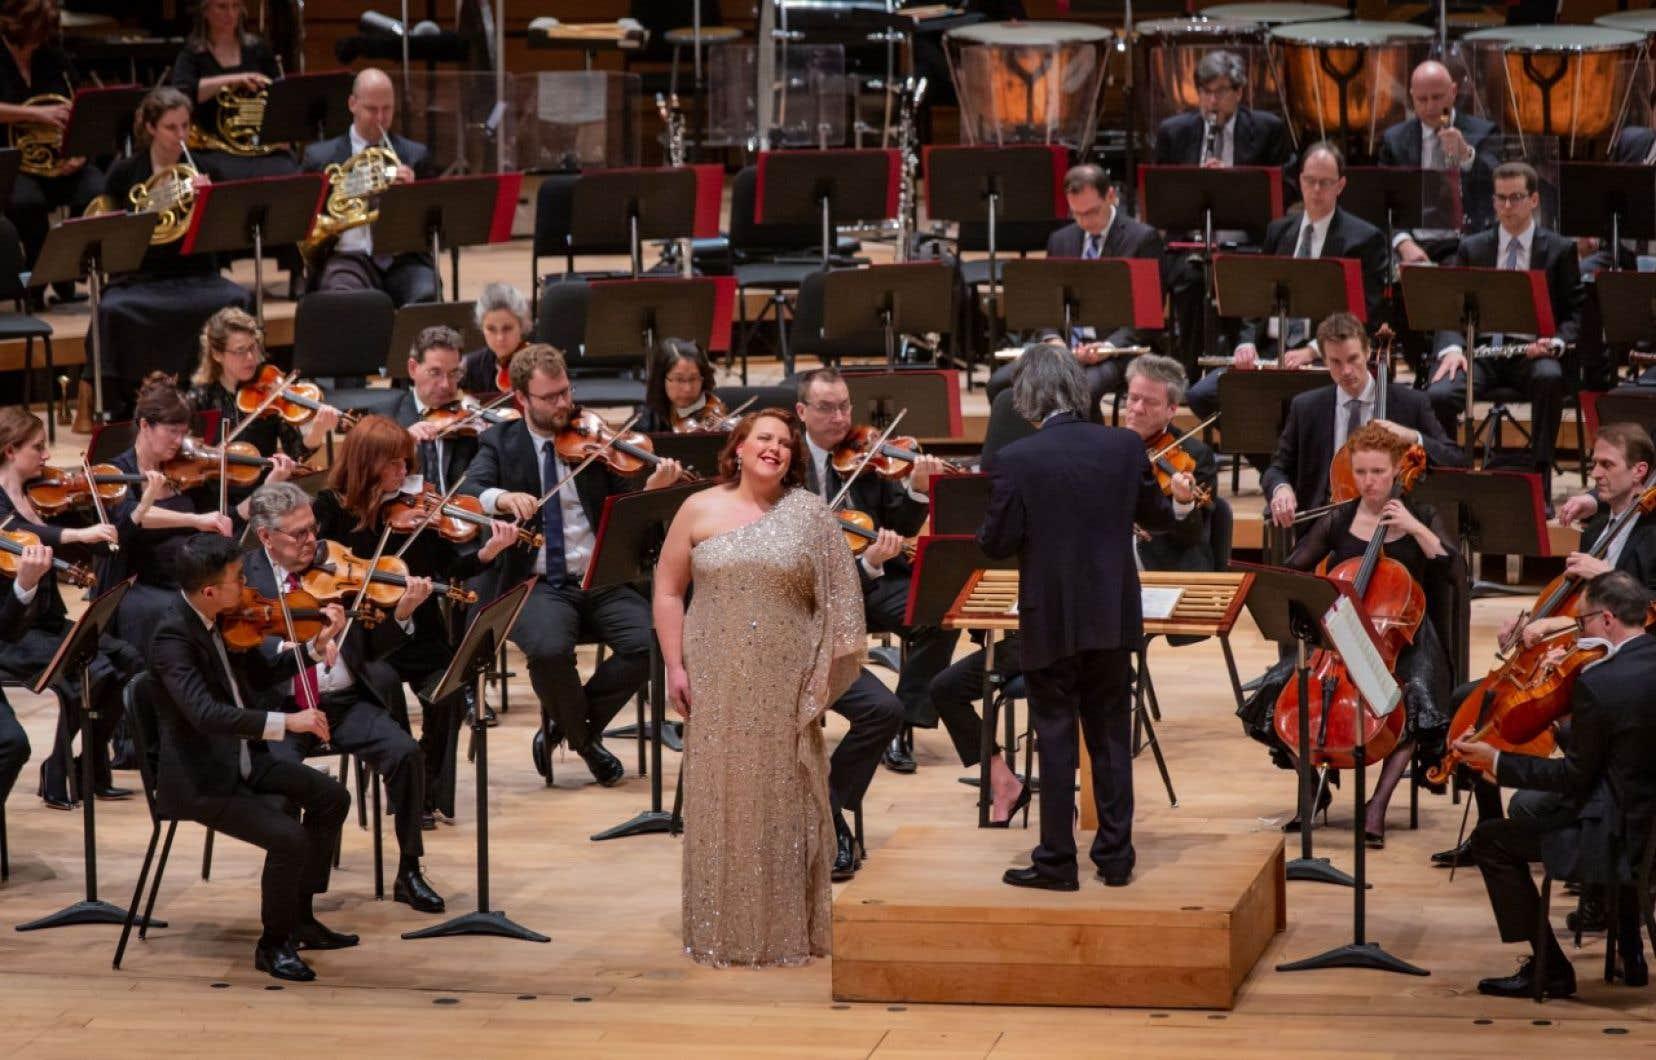 Un concert de l'OSM, dirigé par Kent Nagano, avec la contralto Marie-Nicole Lemieux